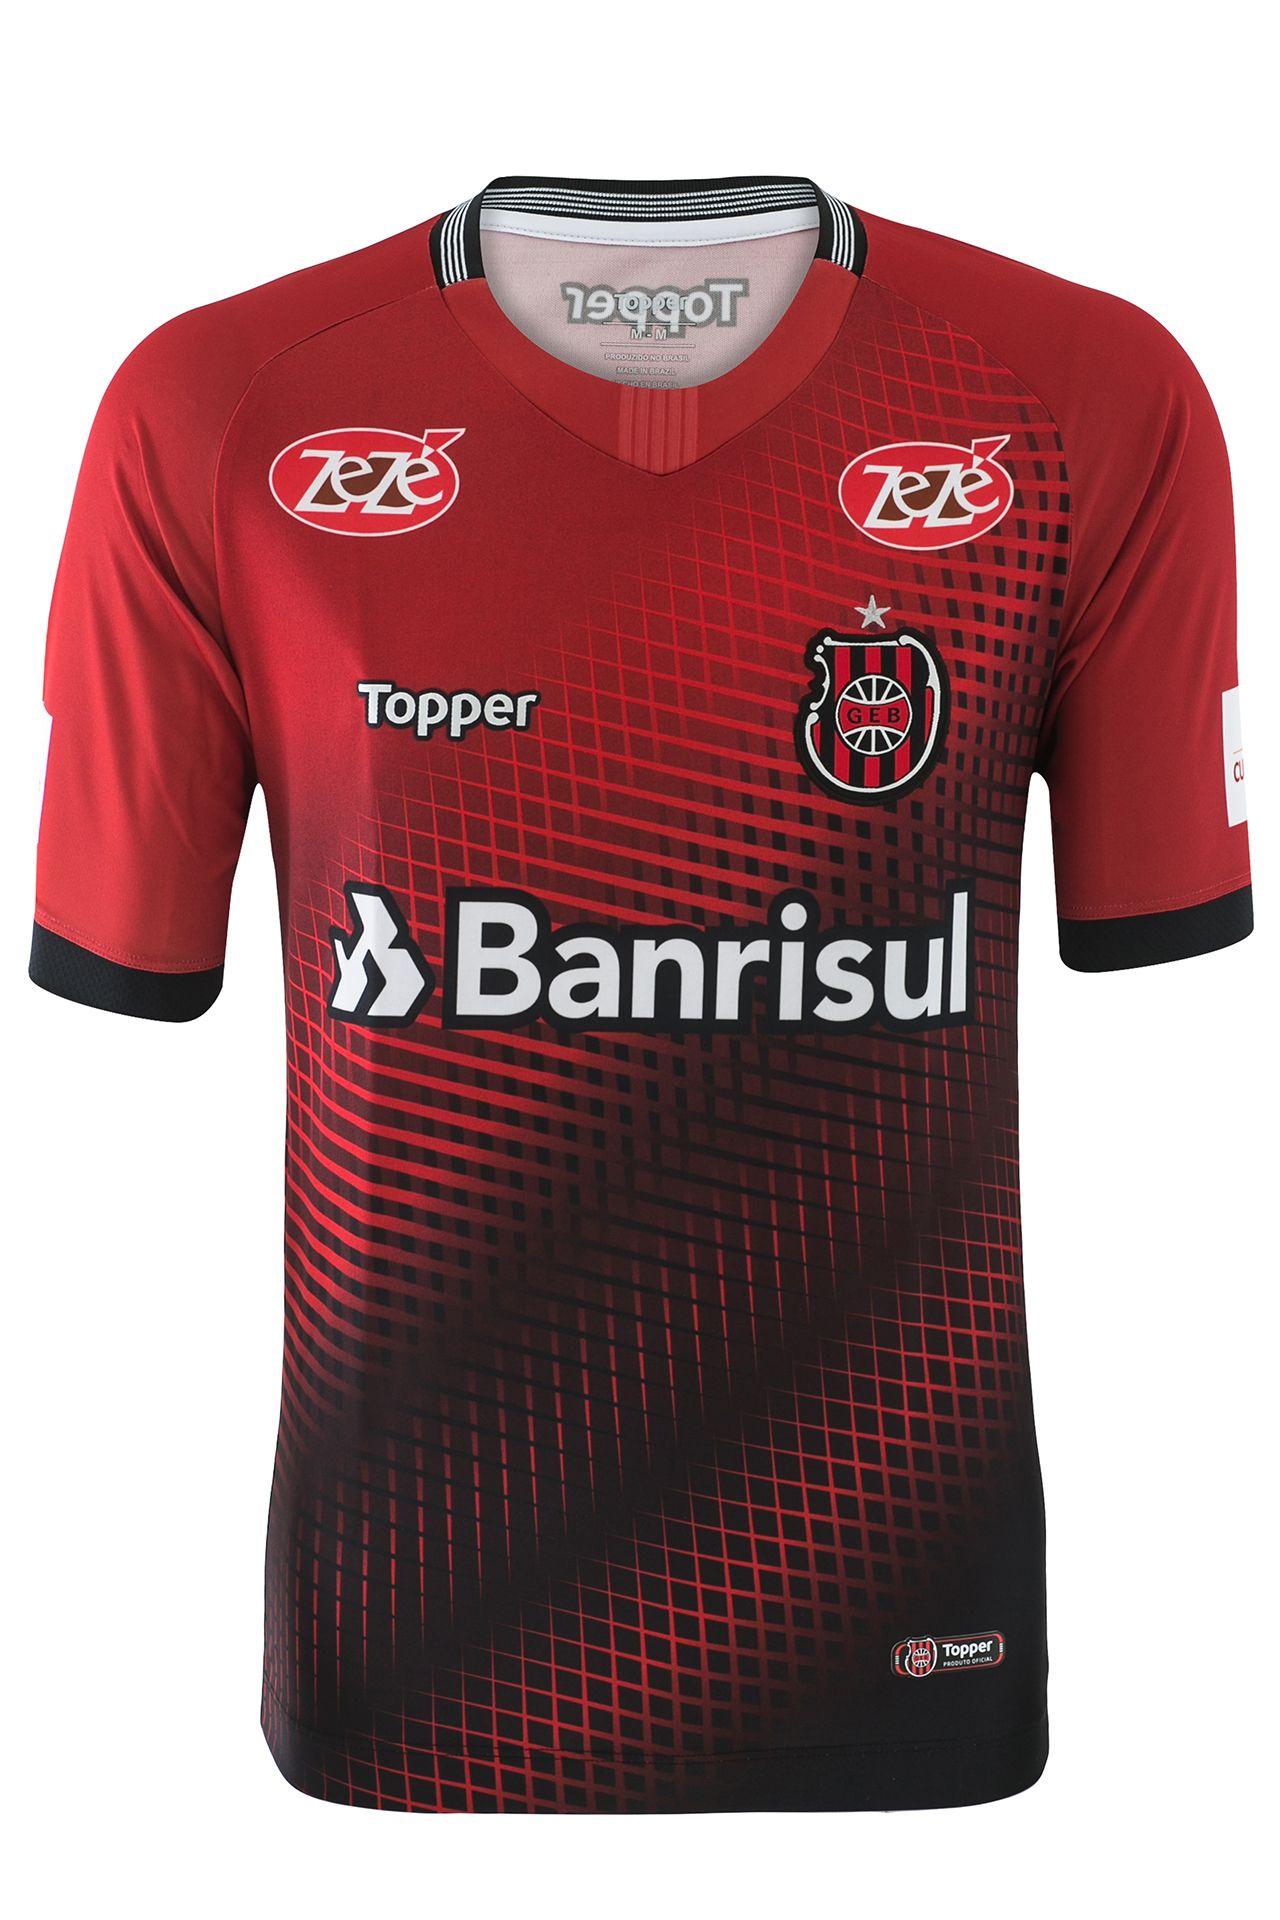 Os 85 Uniformes Mais Bonitos Do Mundo De Times E Seleções Camiseta Esportiva Camisetas De Futebol Camisas De Futebol